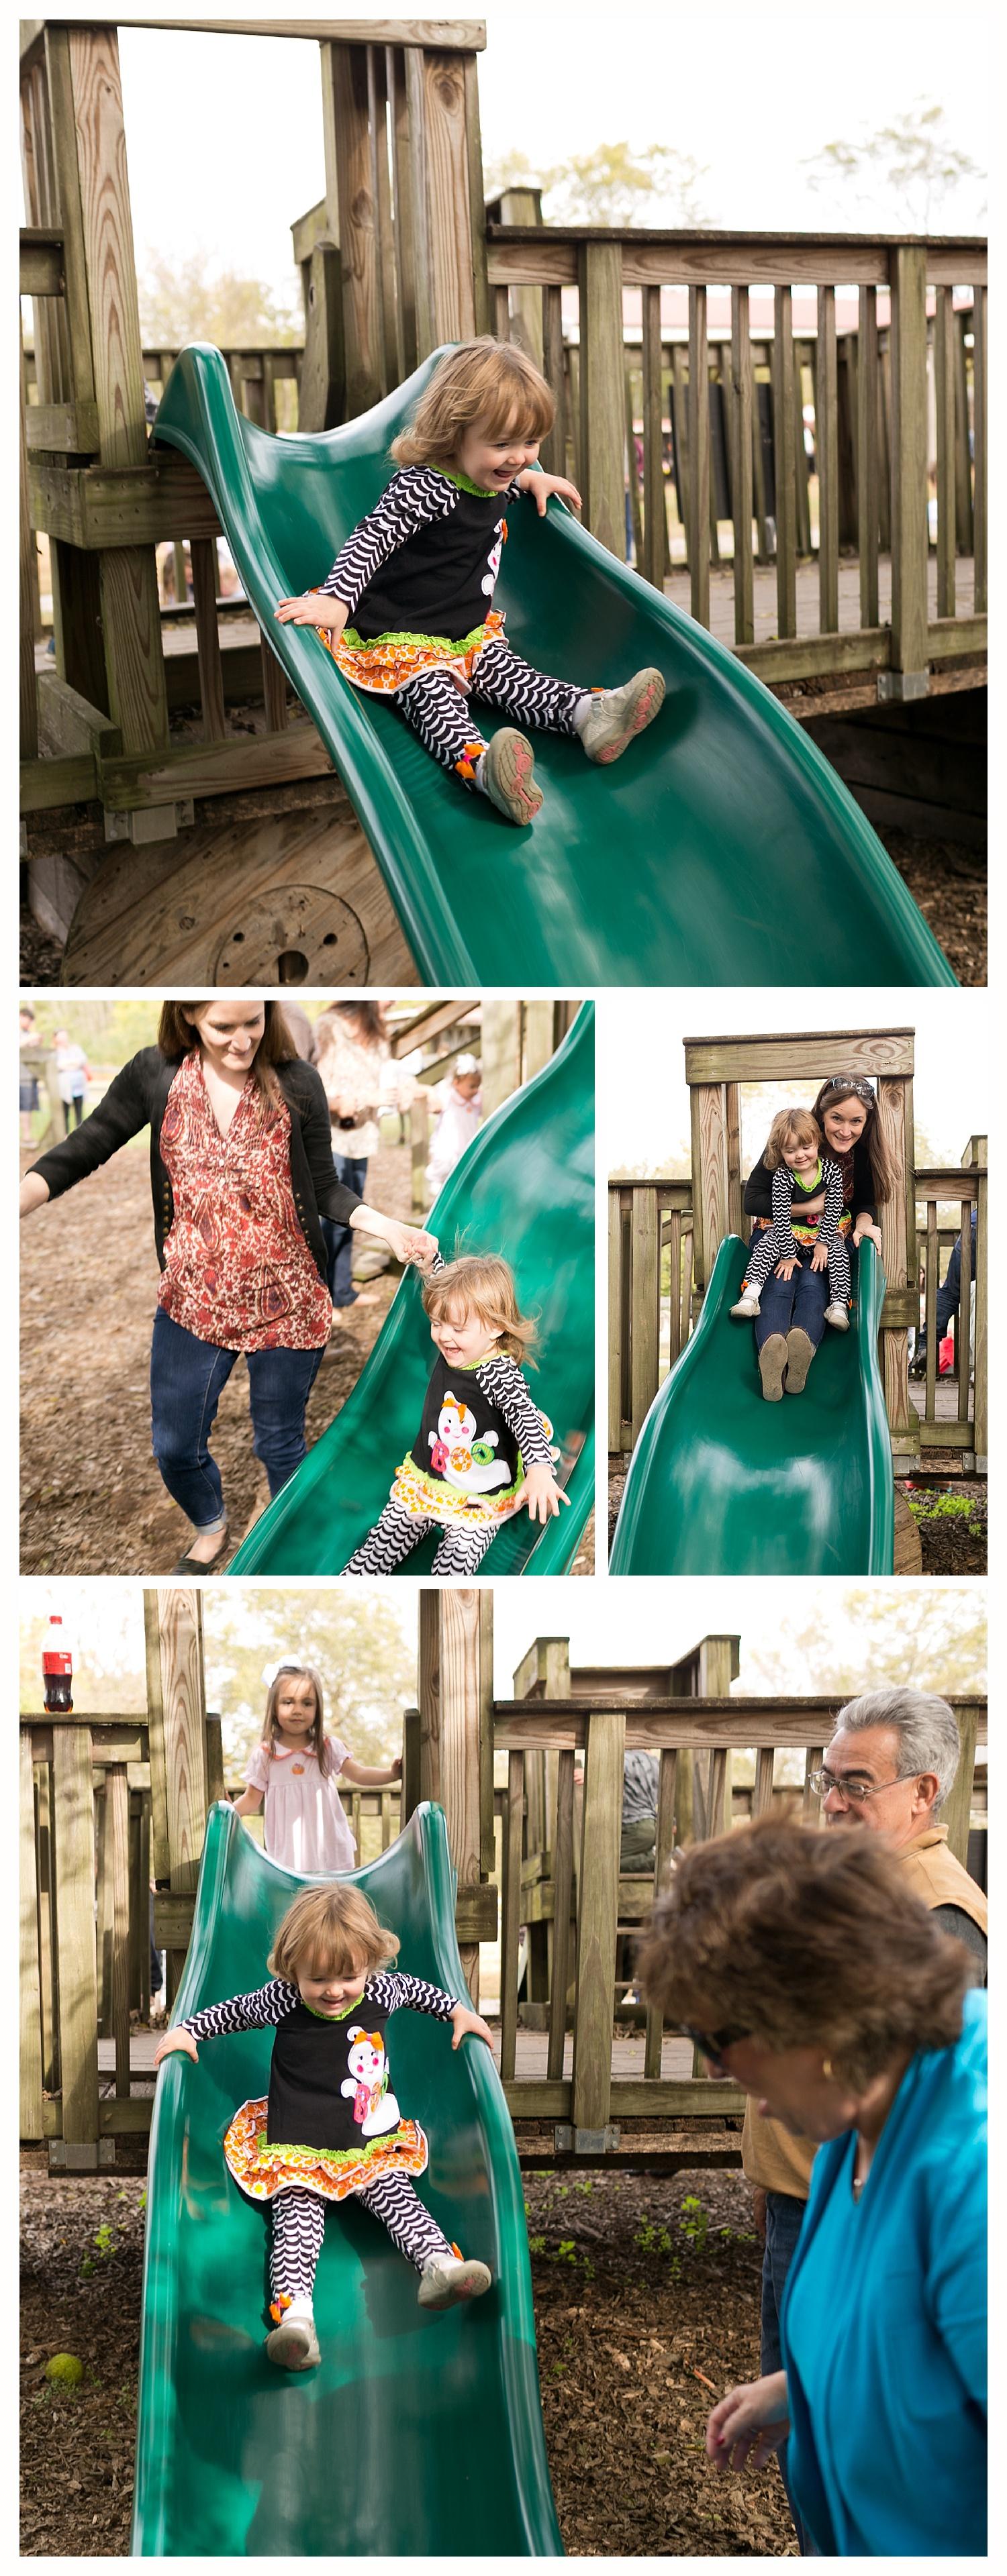 little girl having fun on slide at Gentry's Farm